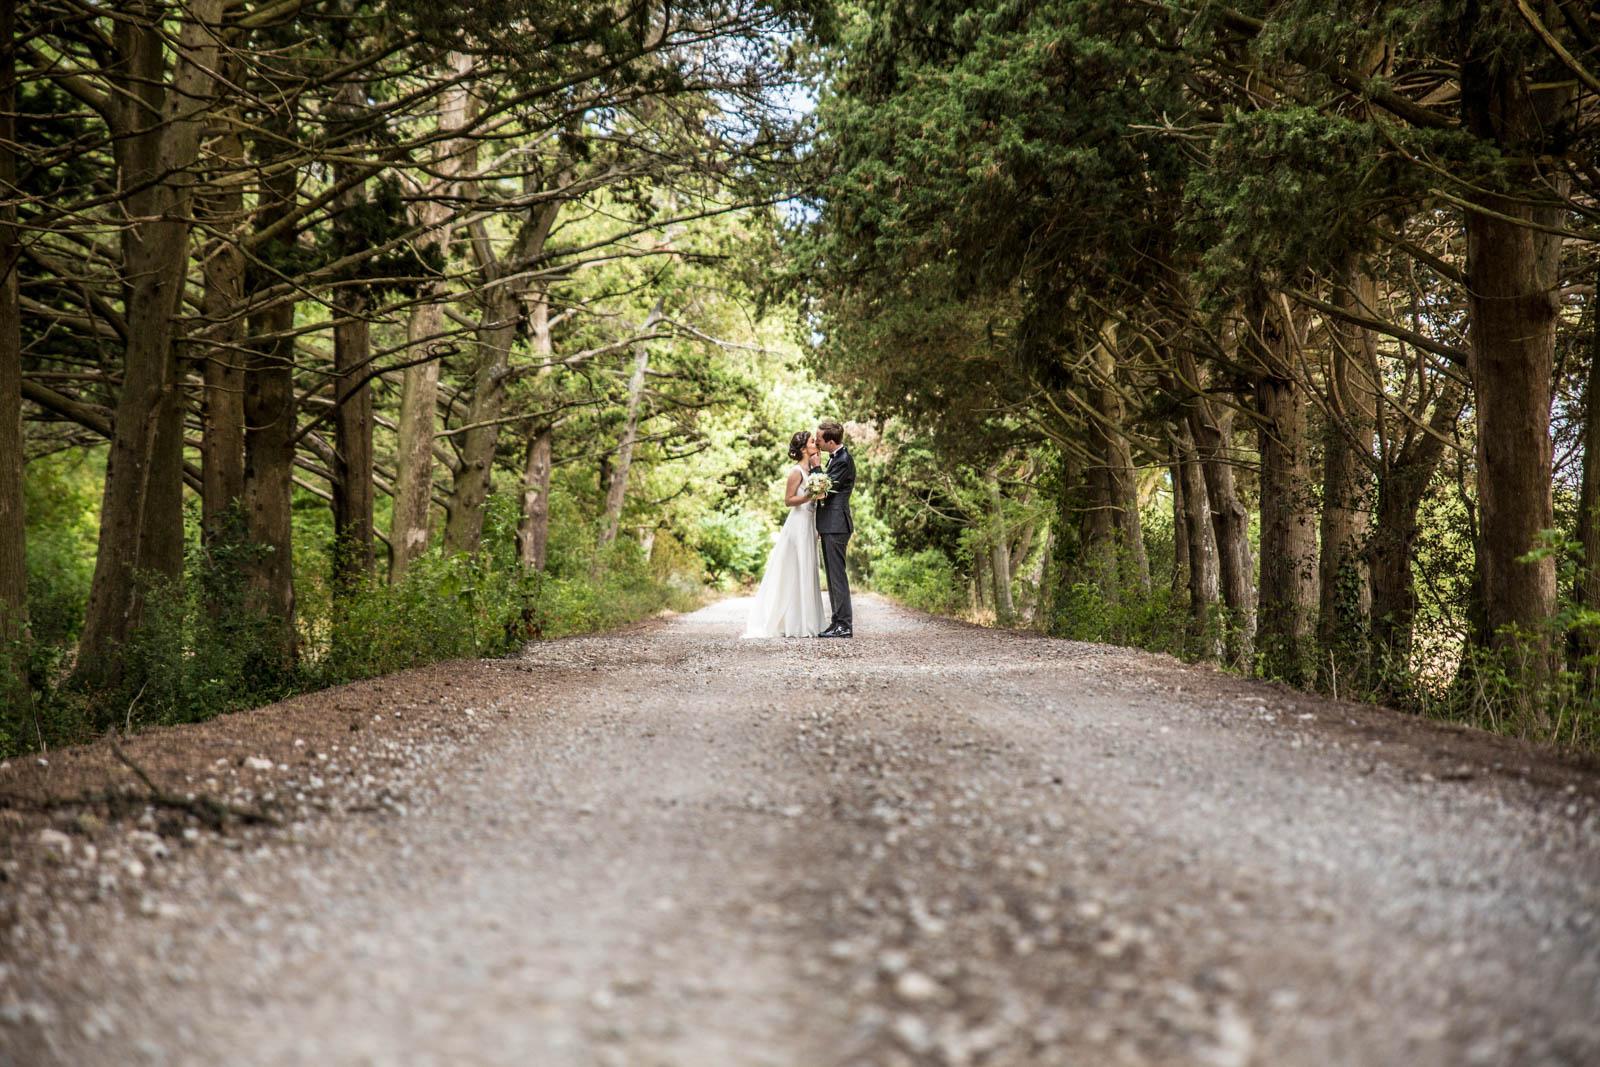 photographe-couple-mariage-carcassonne-23